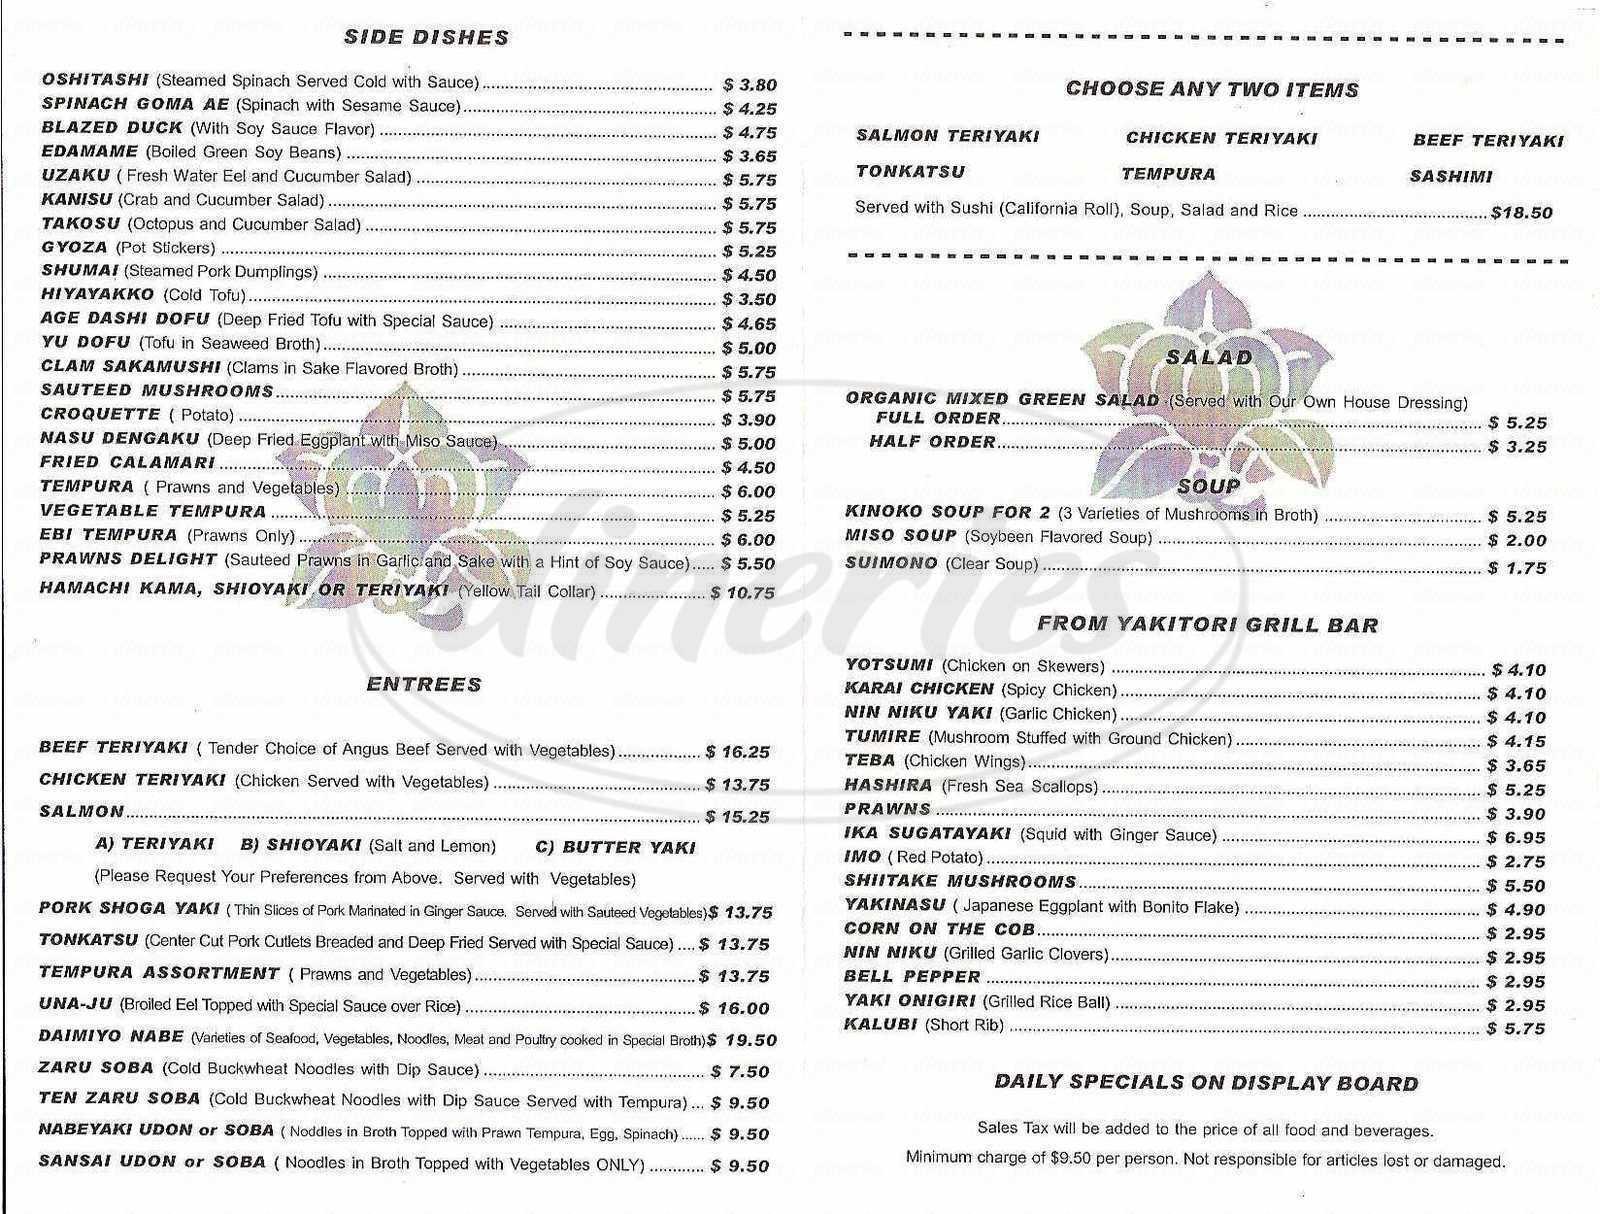 menu for Tachibana